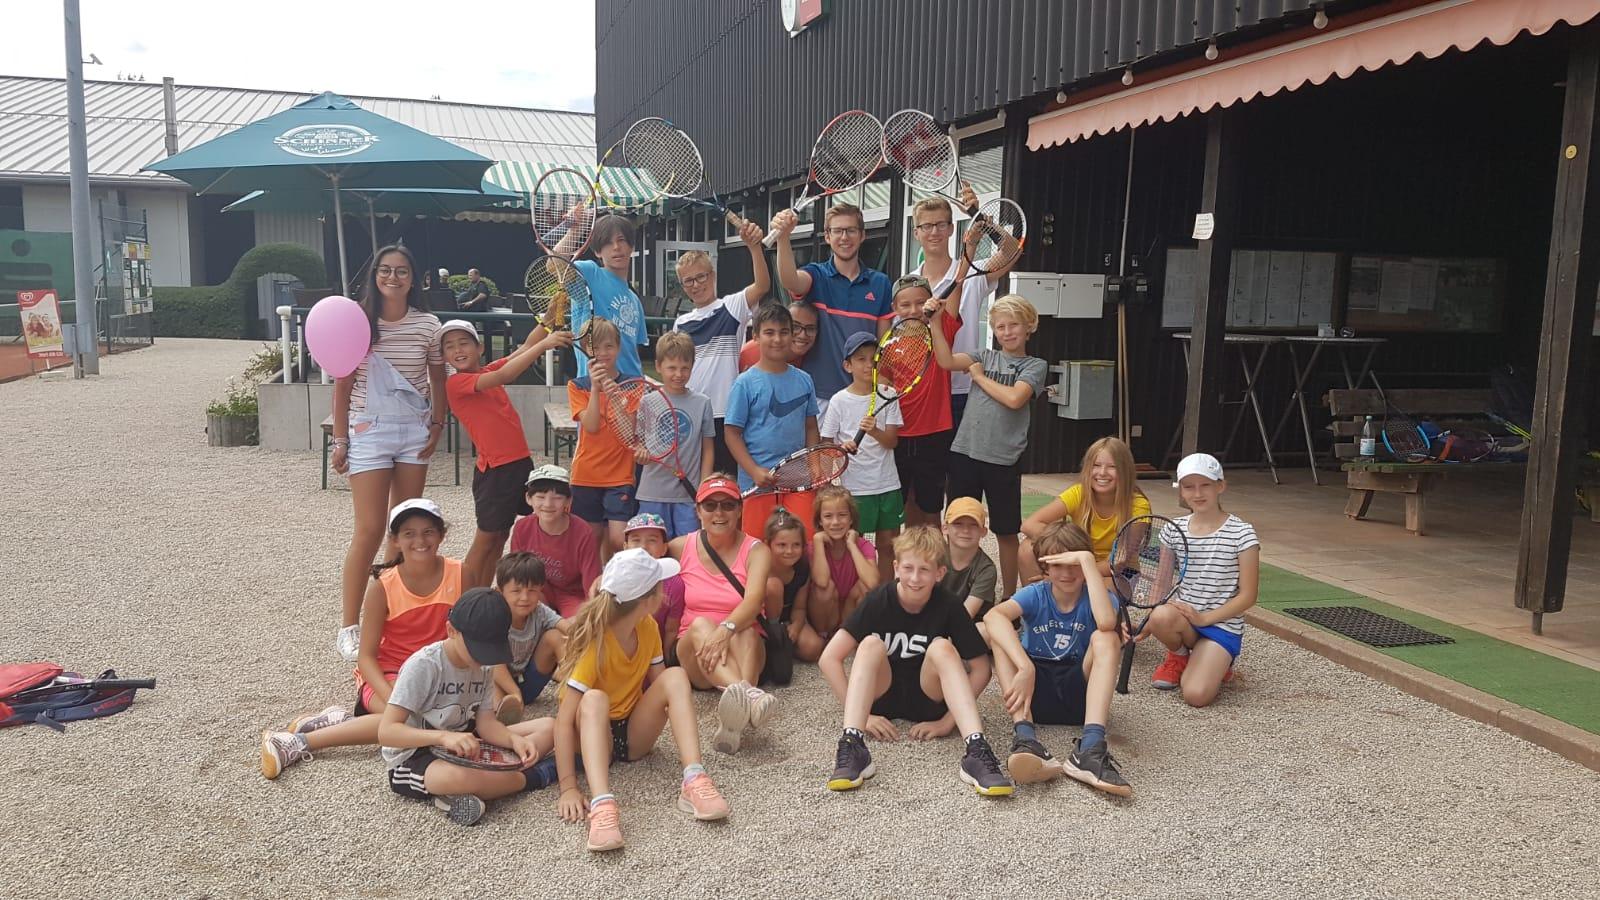 Gruppenfoto aller teilnehmenden Kindern vor dem Clubheim